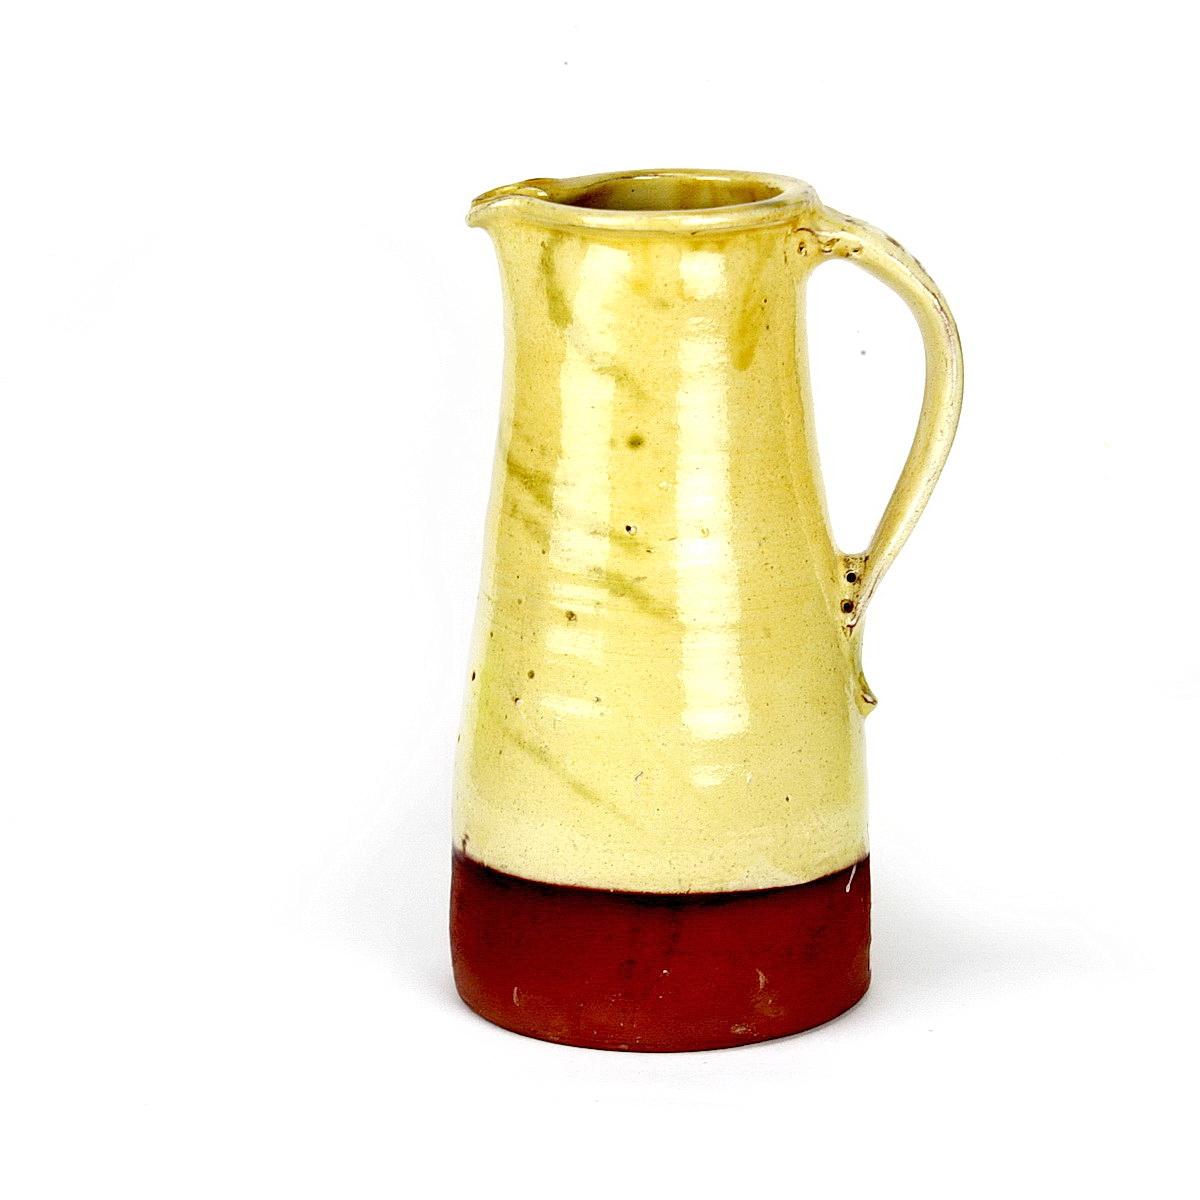 William Marshall large earthenware jug with yellow glaze to 3/4 of jug Base unglazed